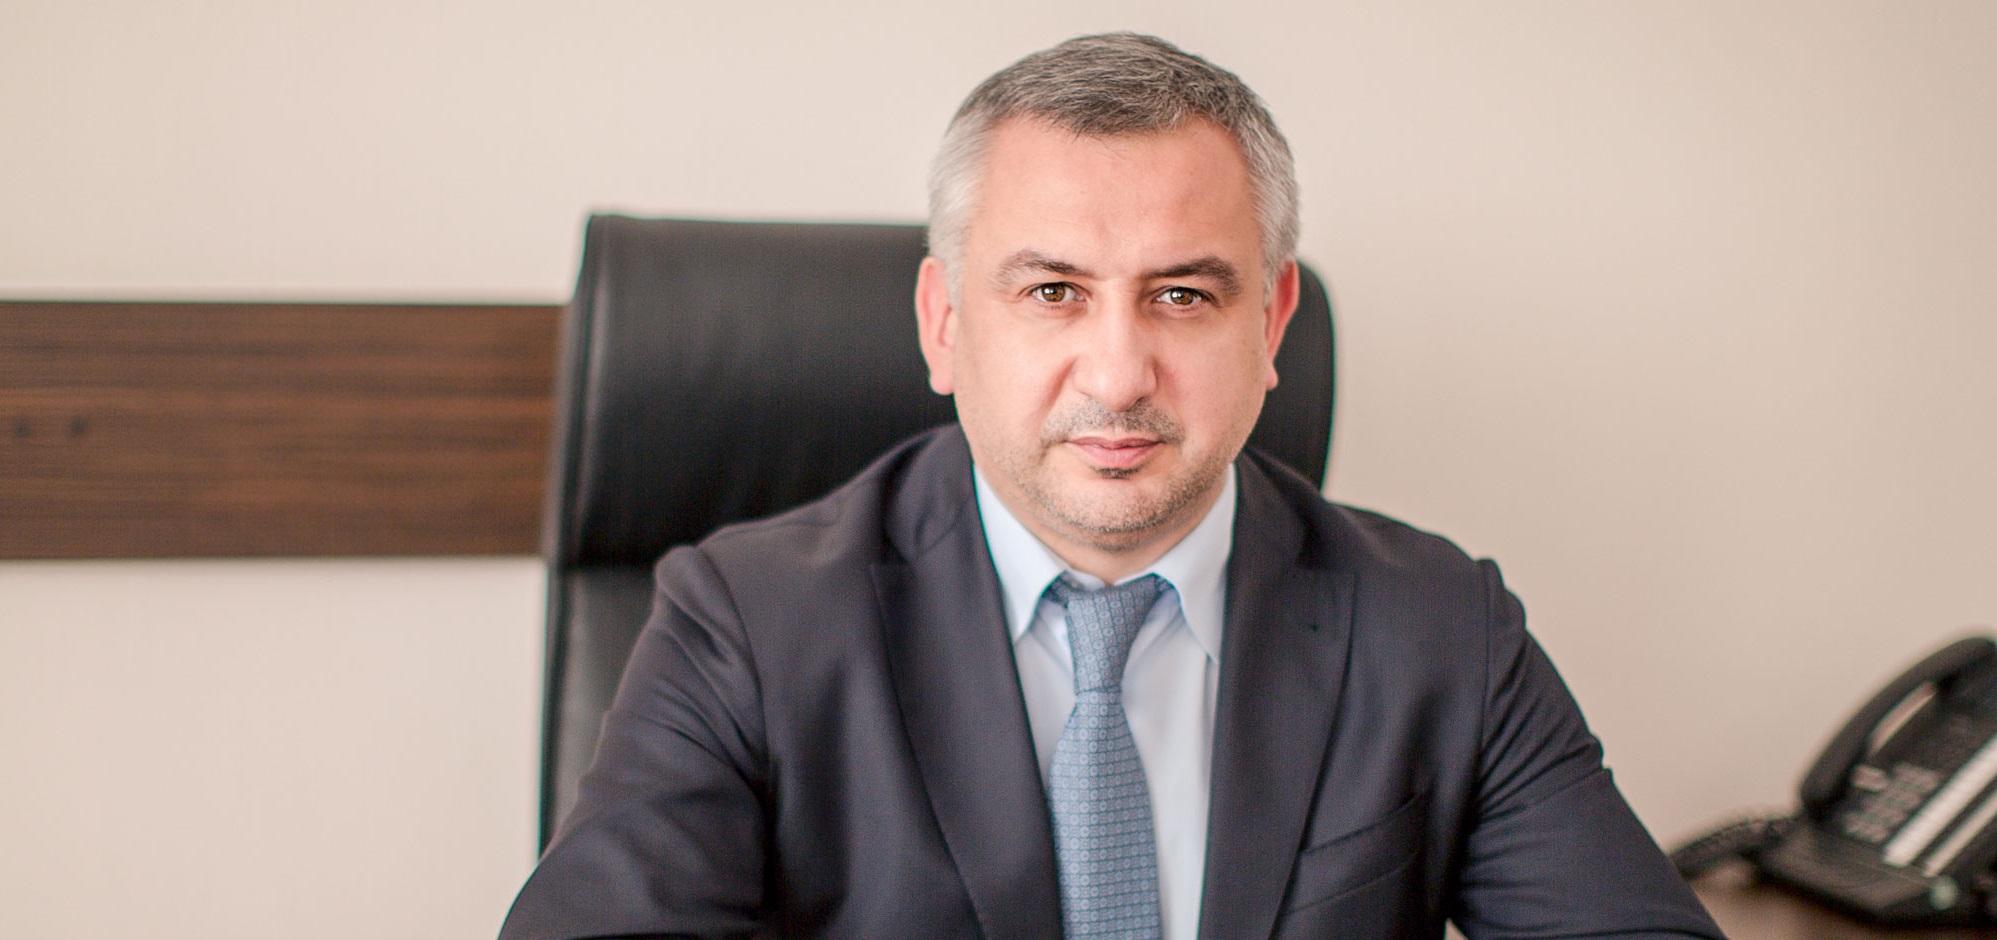 Суд обязал адвокатов главврача Запорожской облбольницы не затягивать с ознакомлением уголовного дела